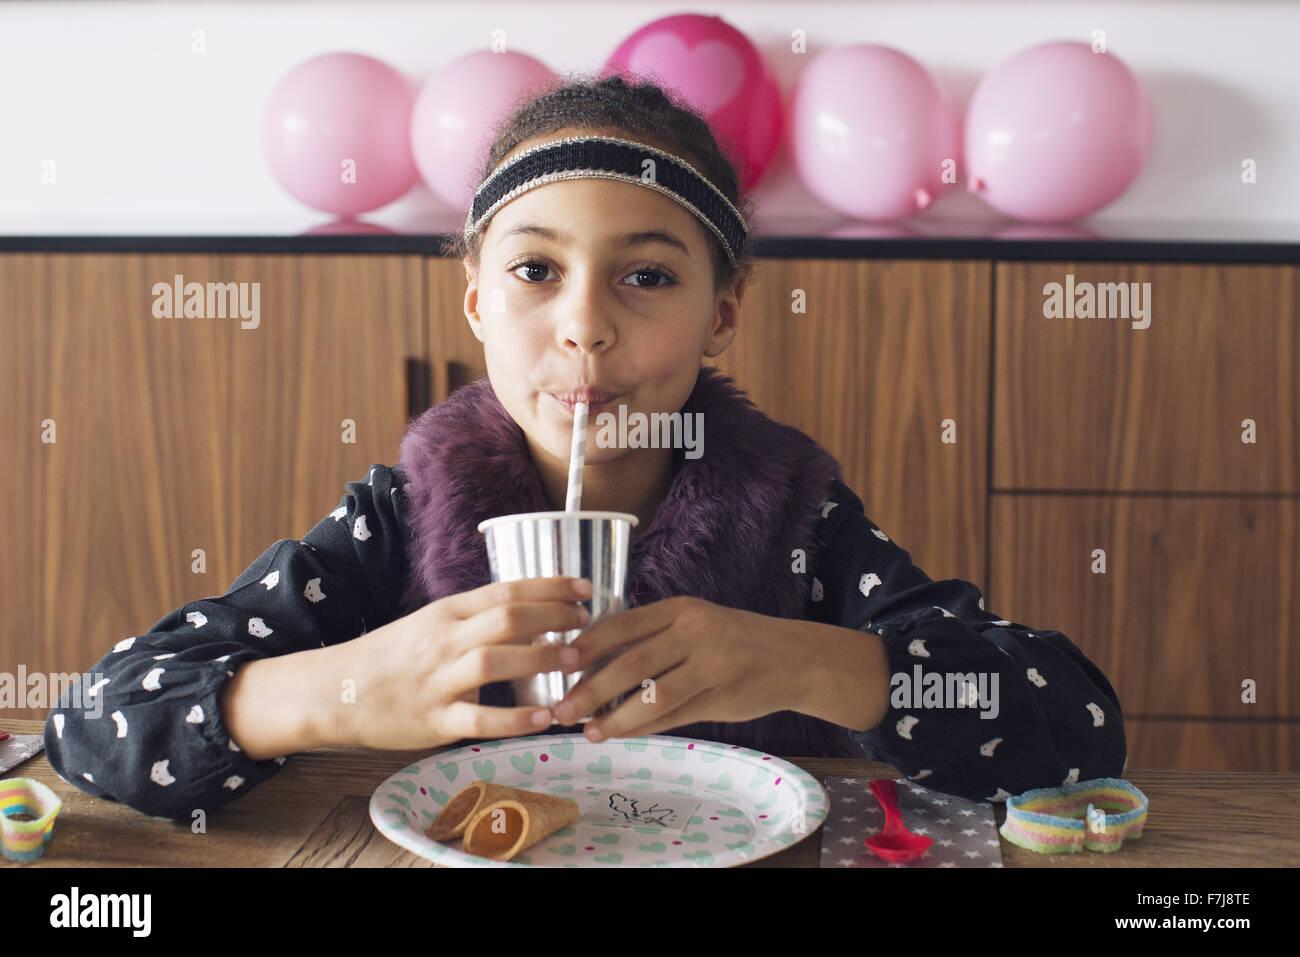 Chica bebiendo a través de una pajita Imagen De Stock